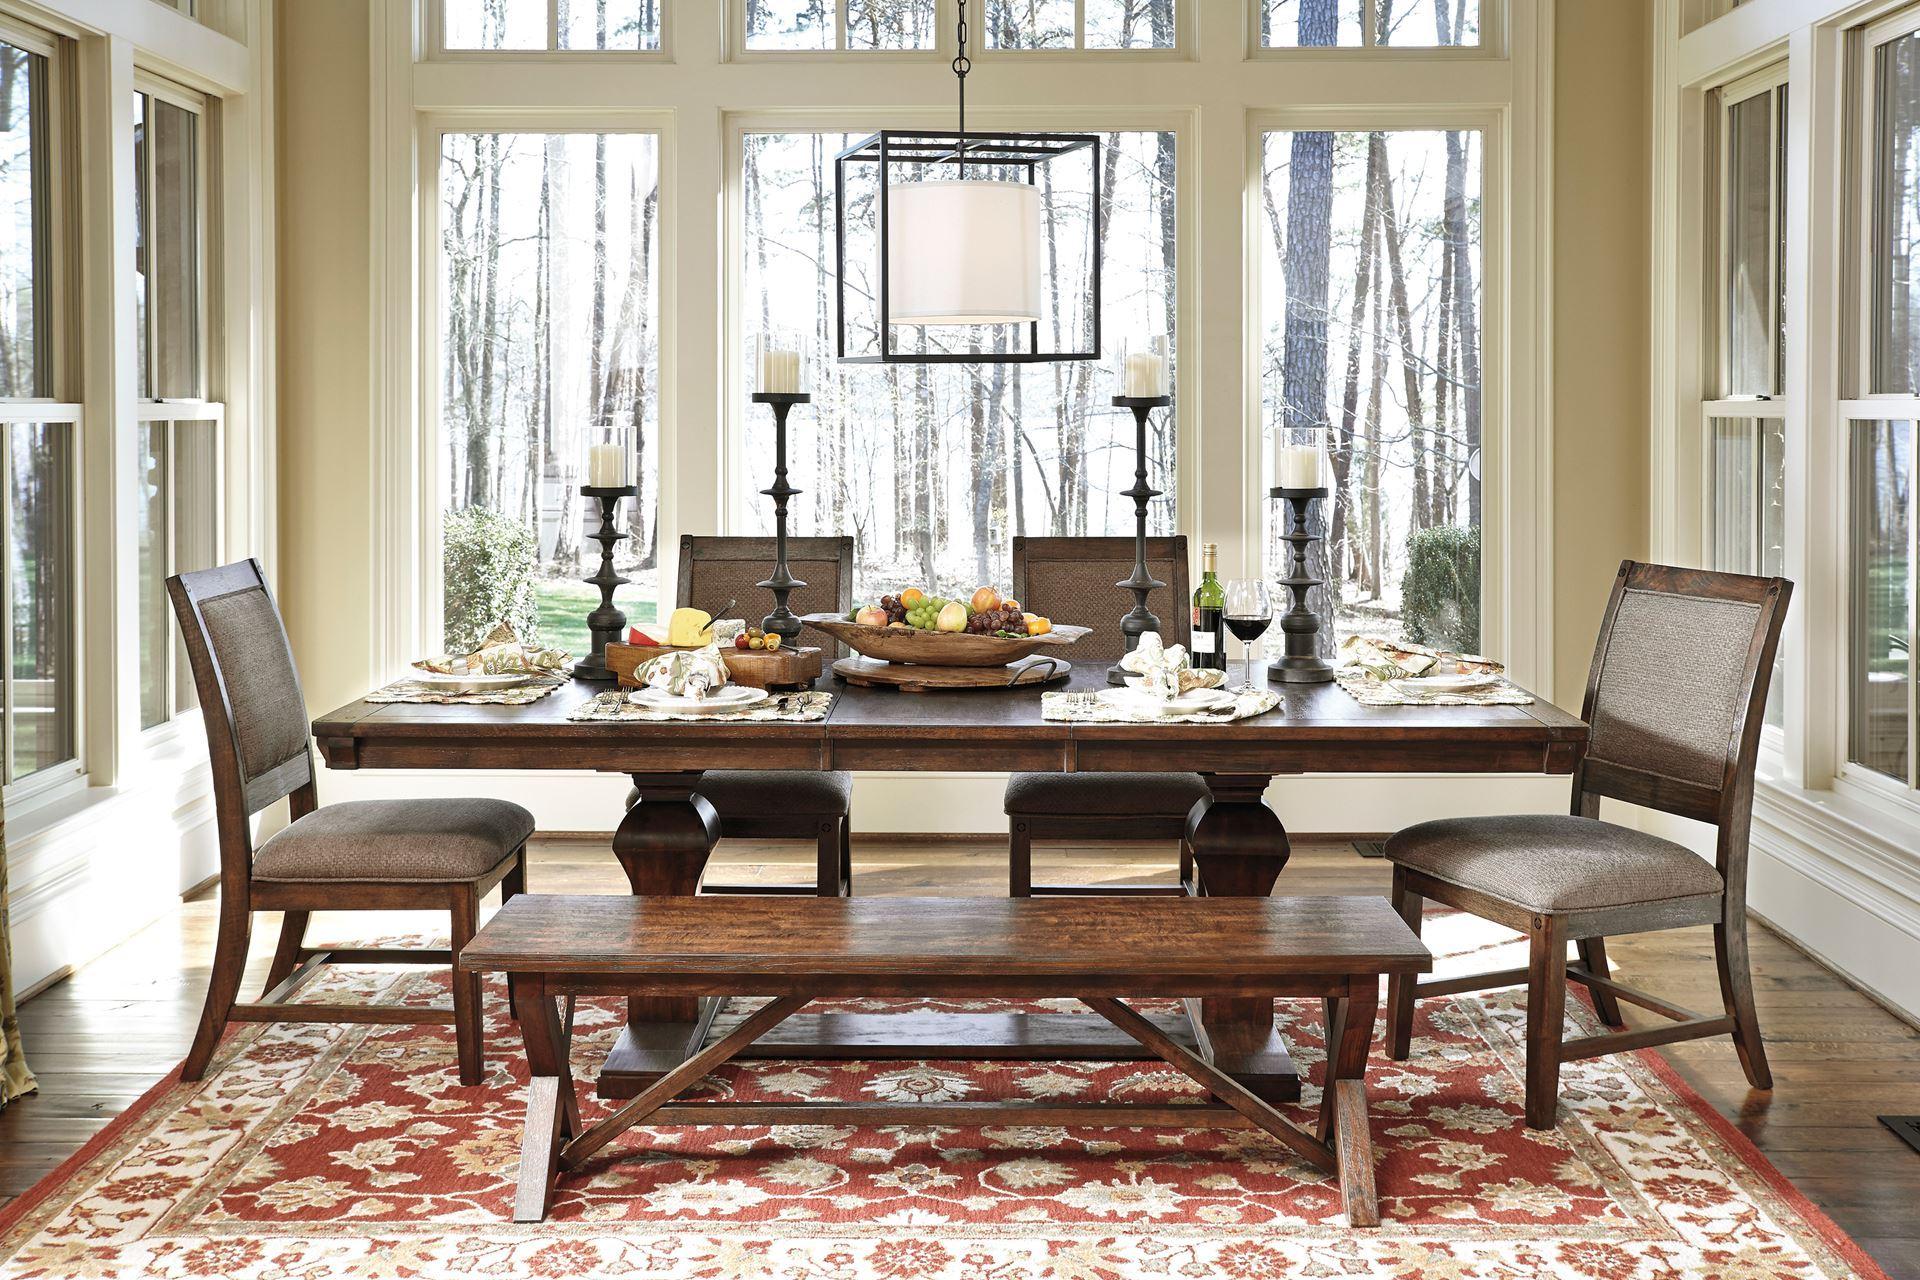 Hauslife Furniture E Biggest, Windville Dining Room Set